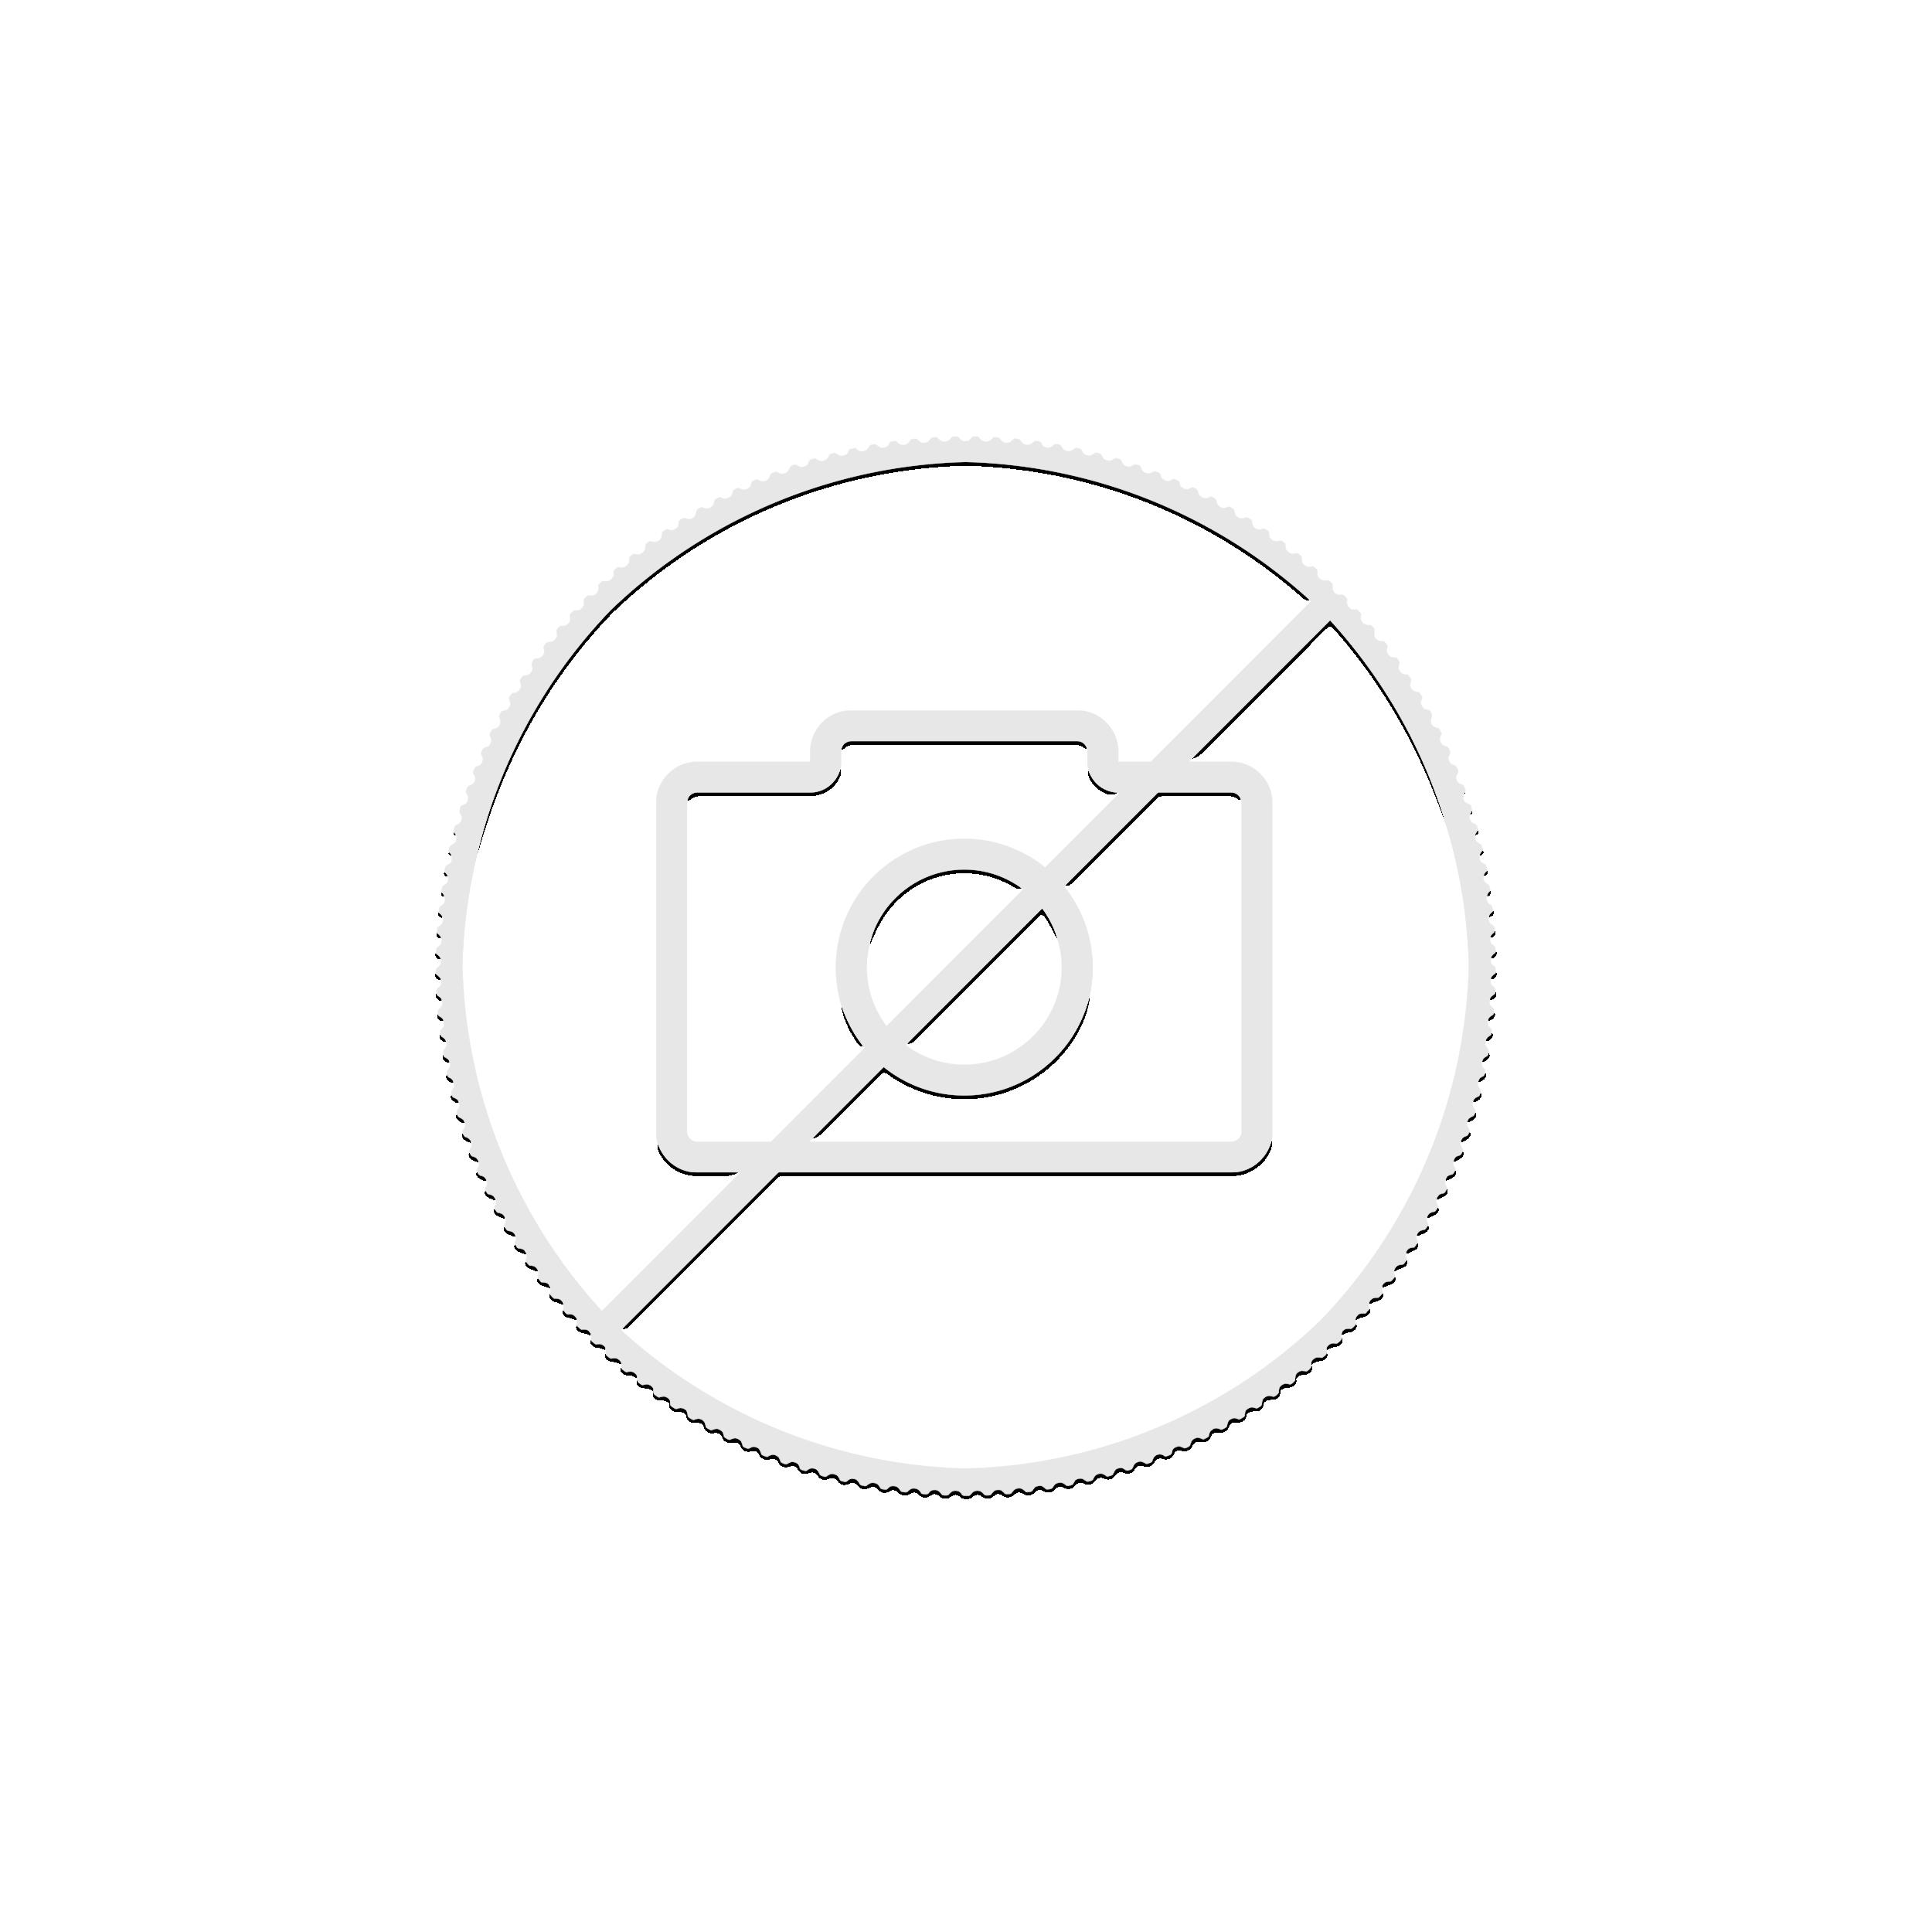 1 Kilo silver coin Koala 2010